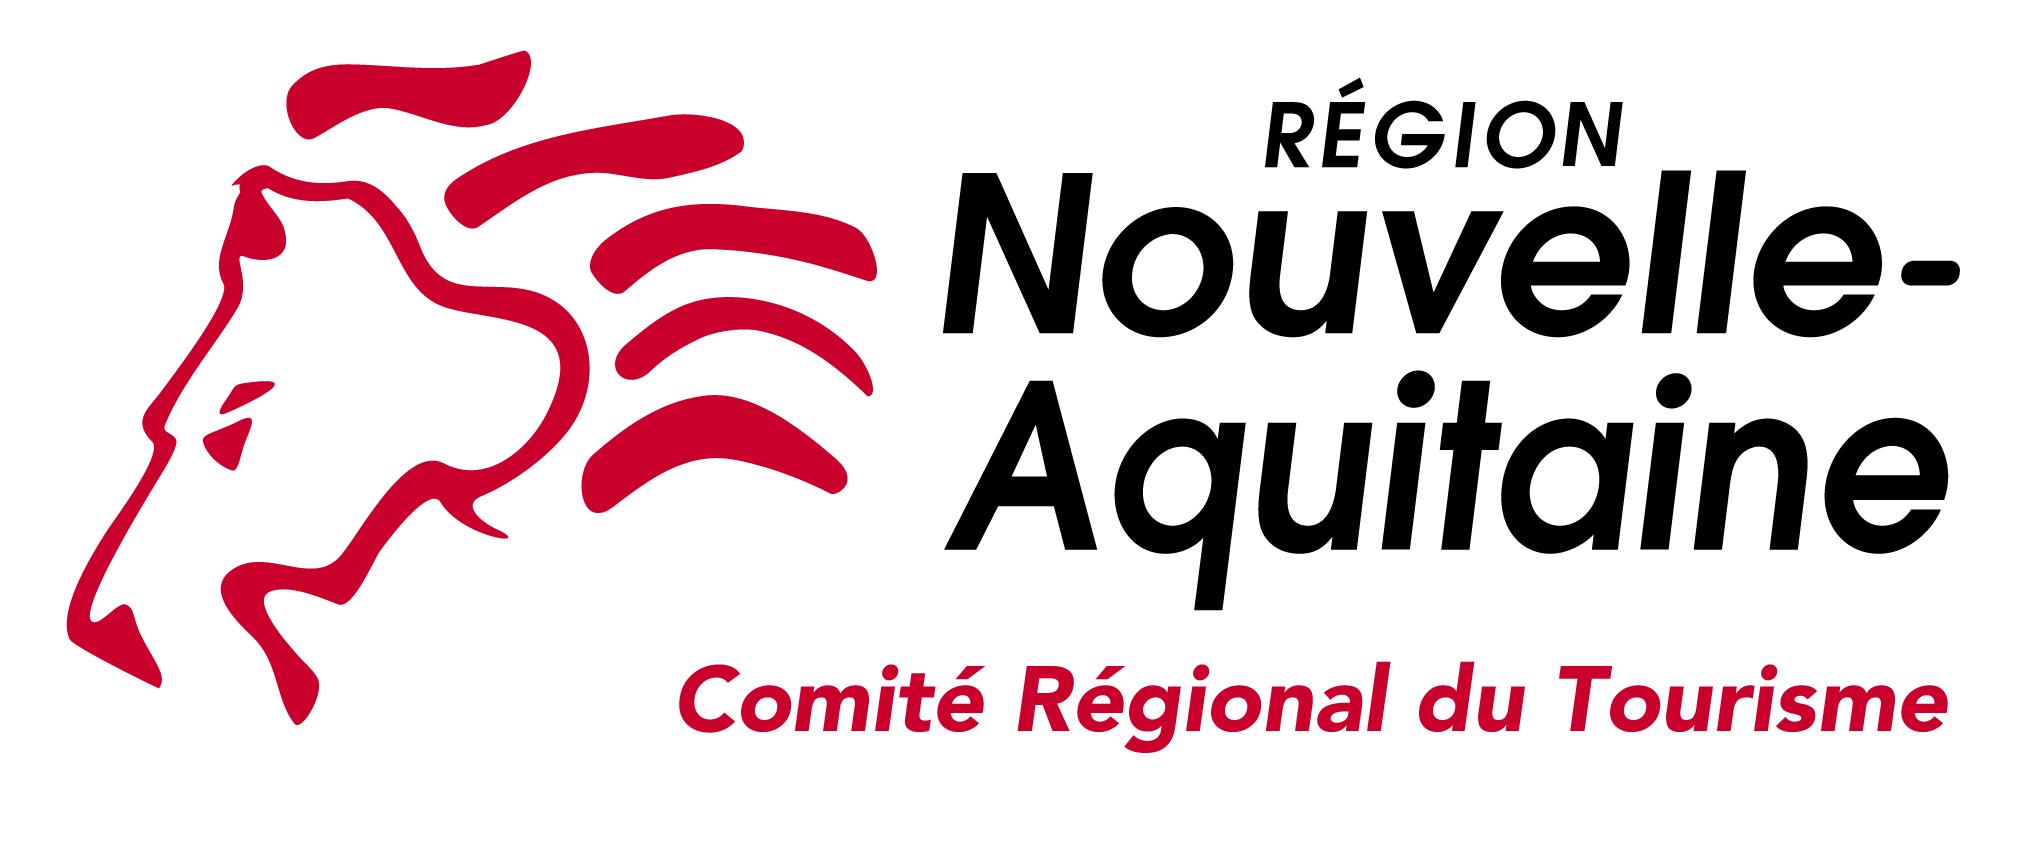 logo du comité régional du tourisme de Nouvelle-Aquitaine